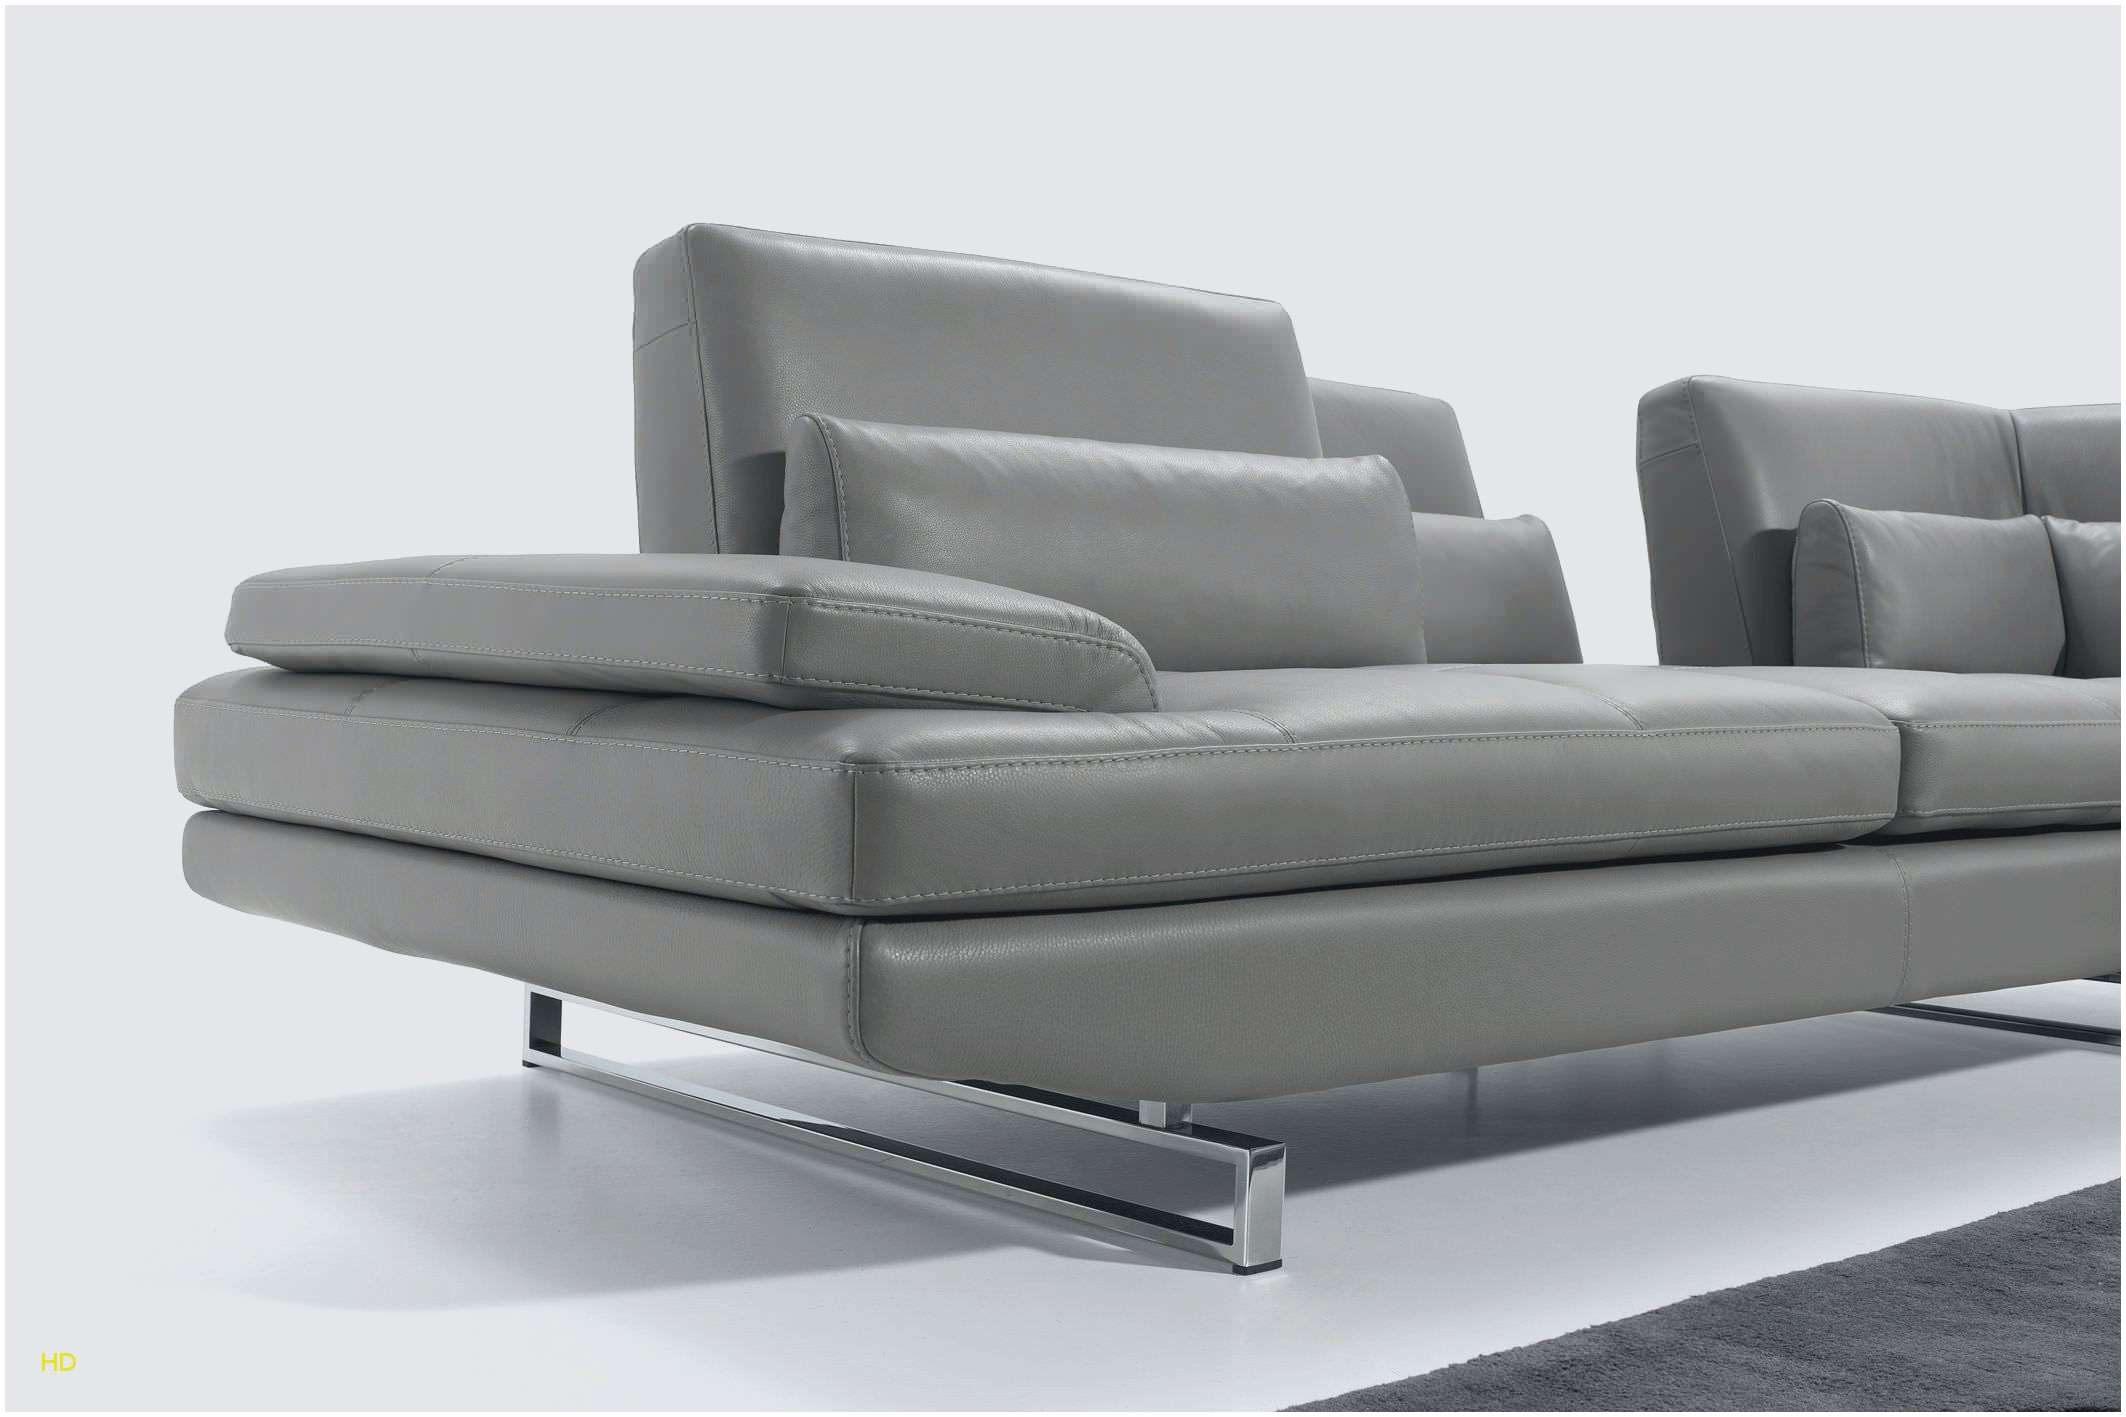 Lit Superposé Cdiscount Inspiré Elégant Canapé Angle Cdiscount Europeansfurniture Pour Choix Ikea